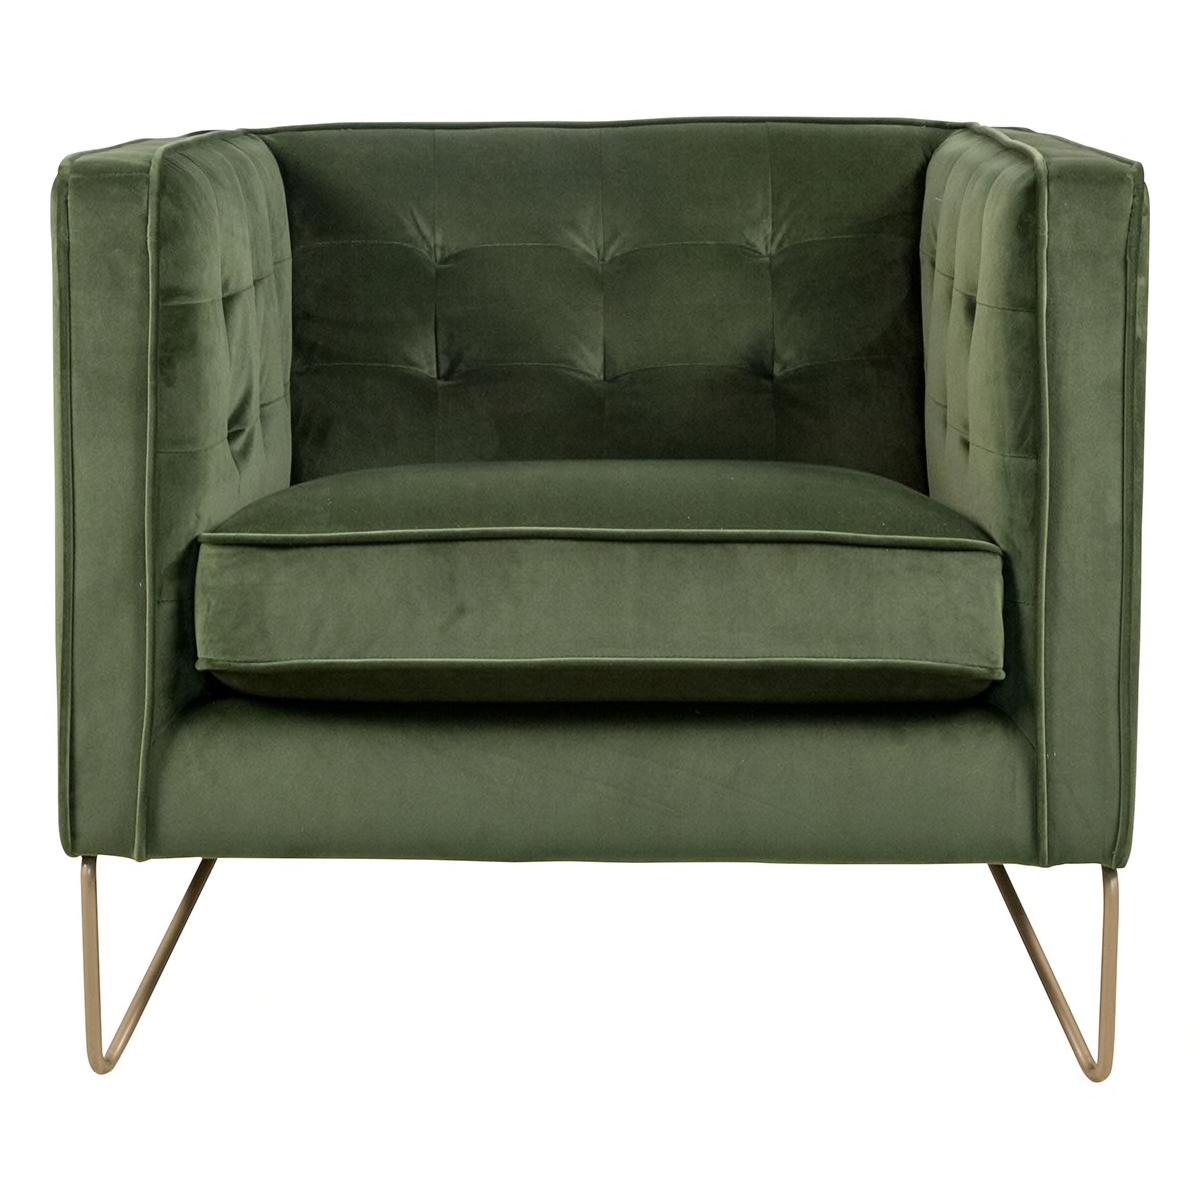 Interlochen Chair In Modern Green Velvet